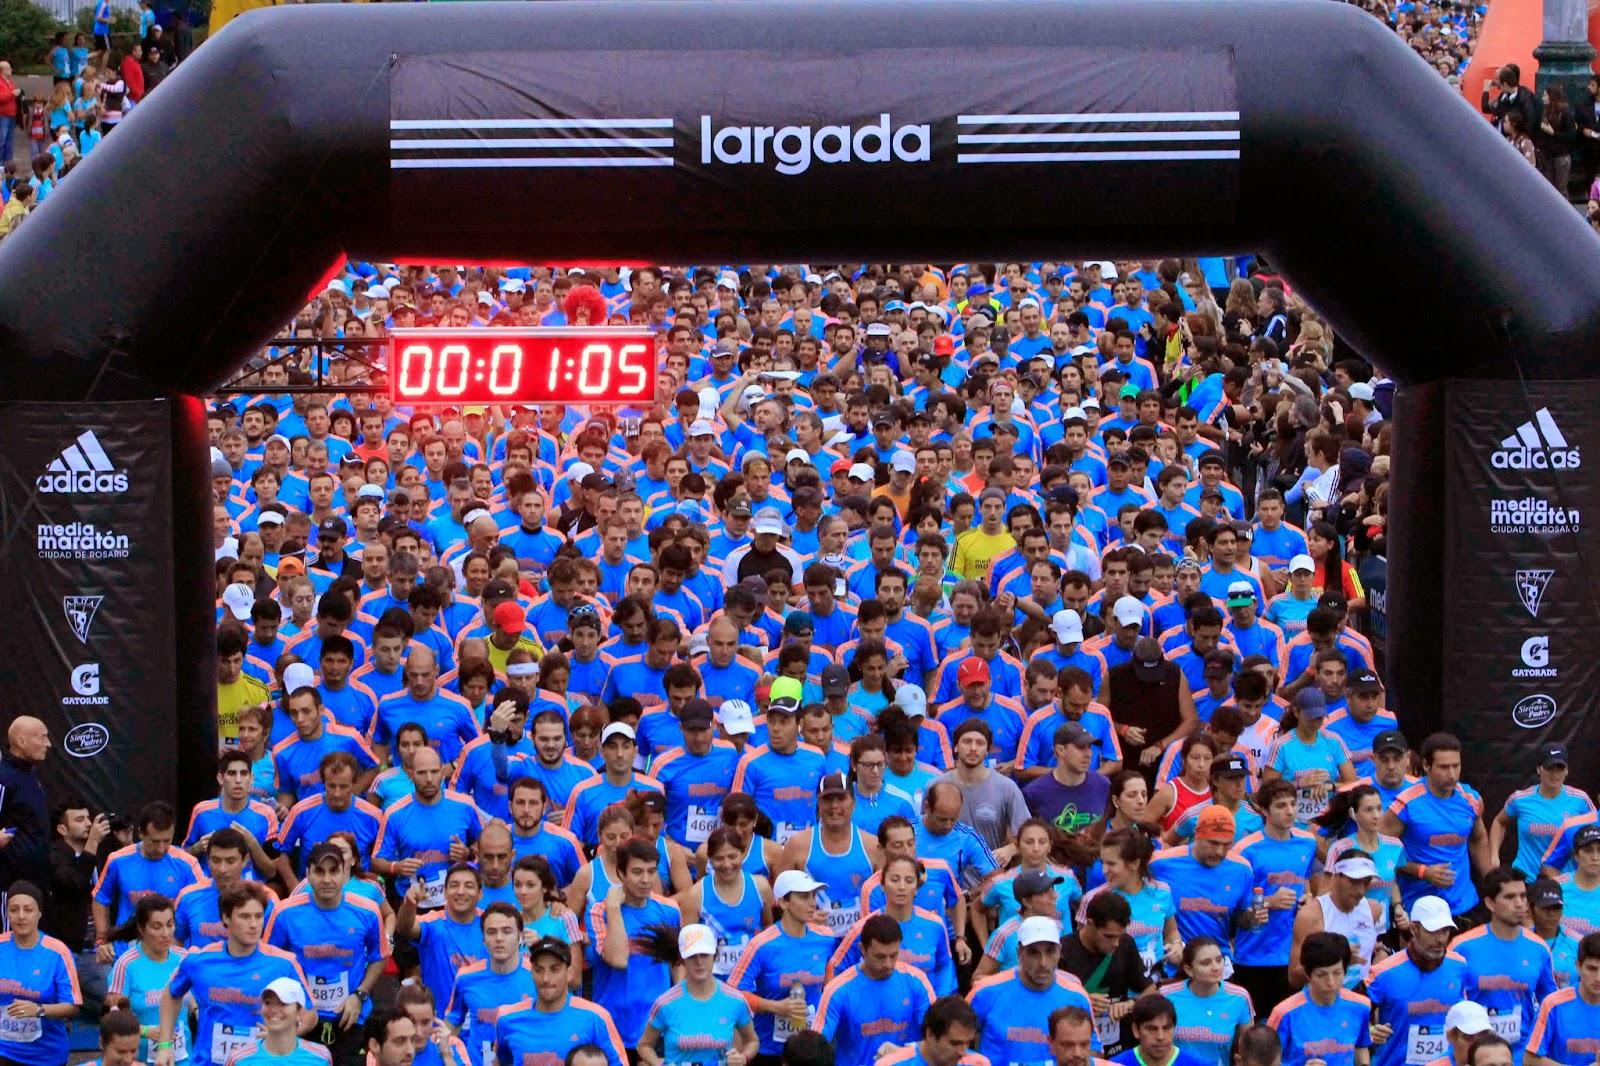 Media Maraton Rosario 2015